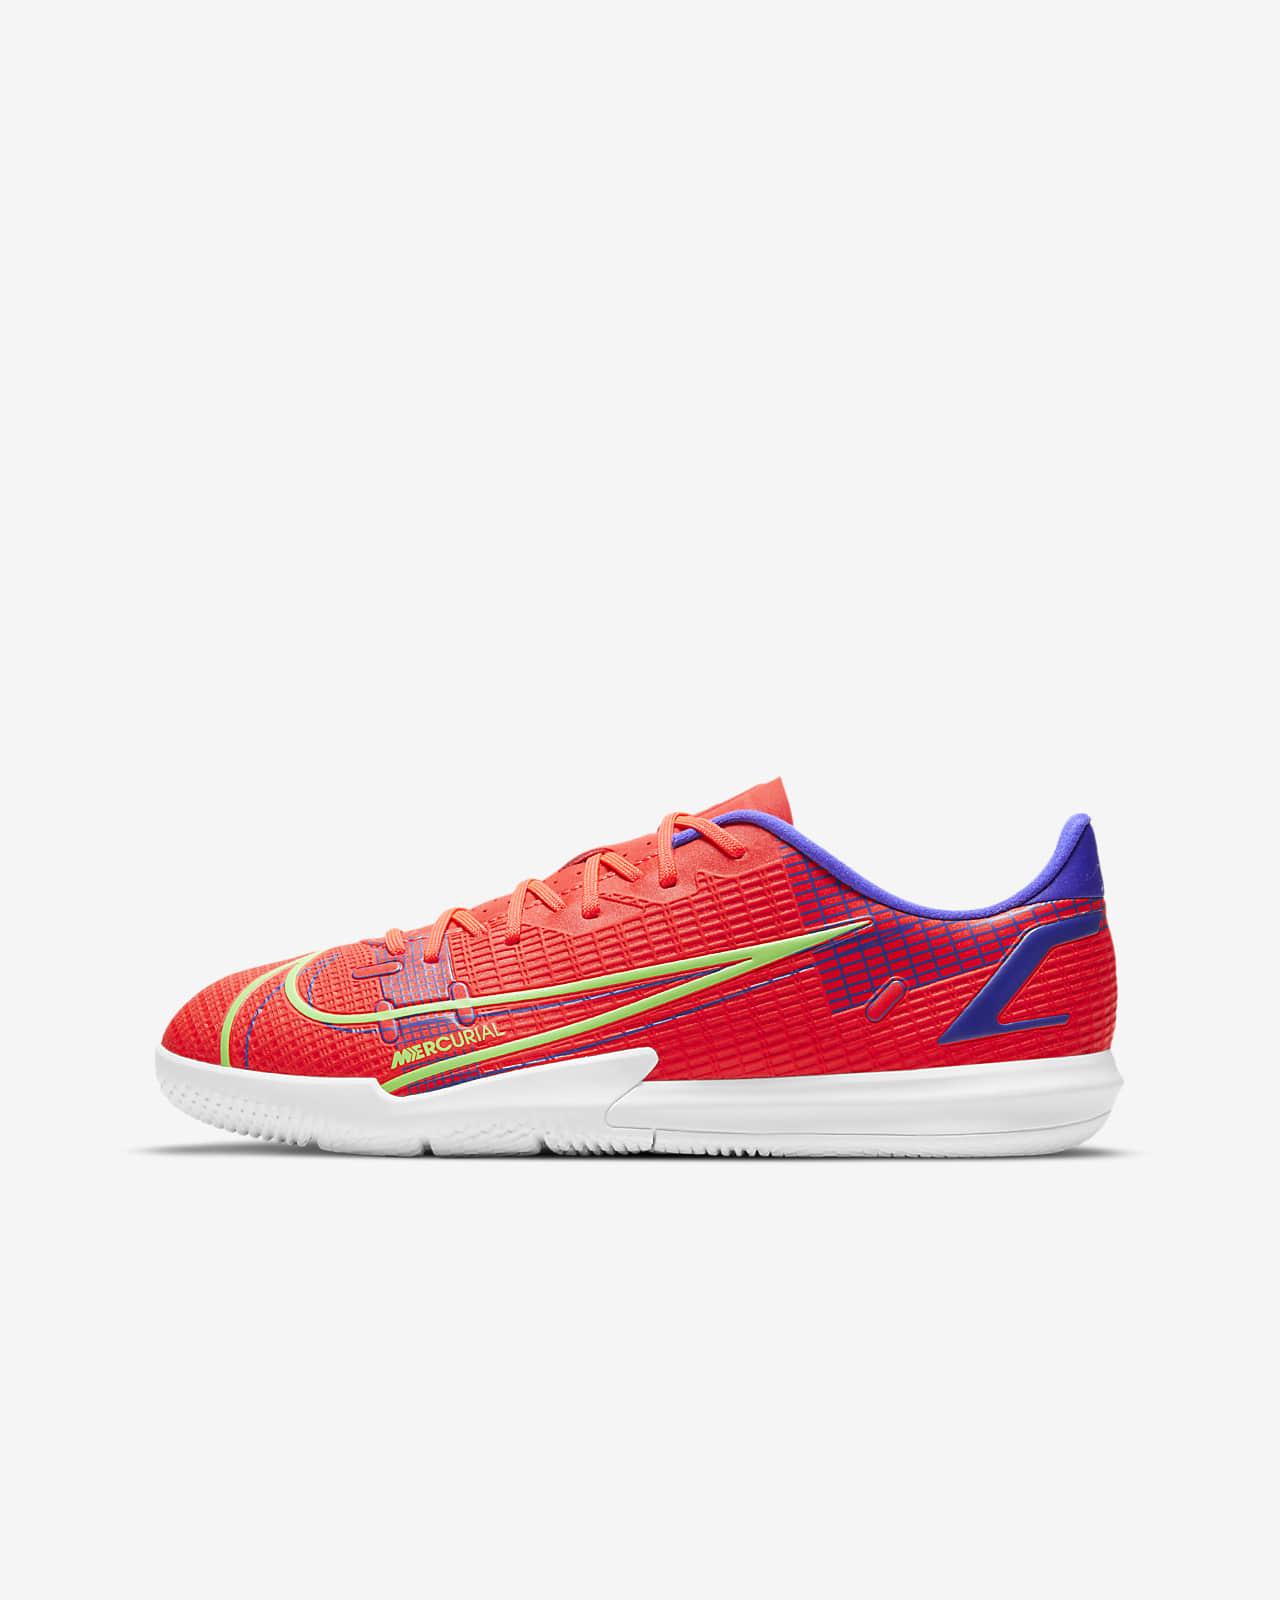 Nike Jr. Mercurial Vapor 14 Academy IC fotballsko for innendørsbane/gate til små/store barn